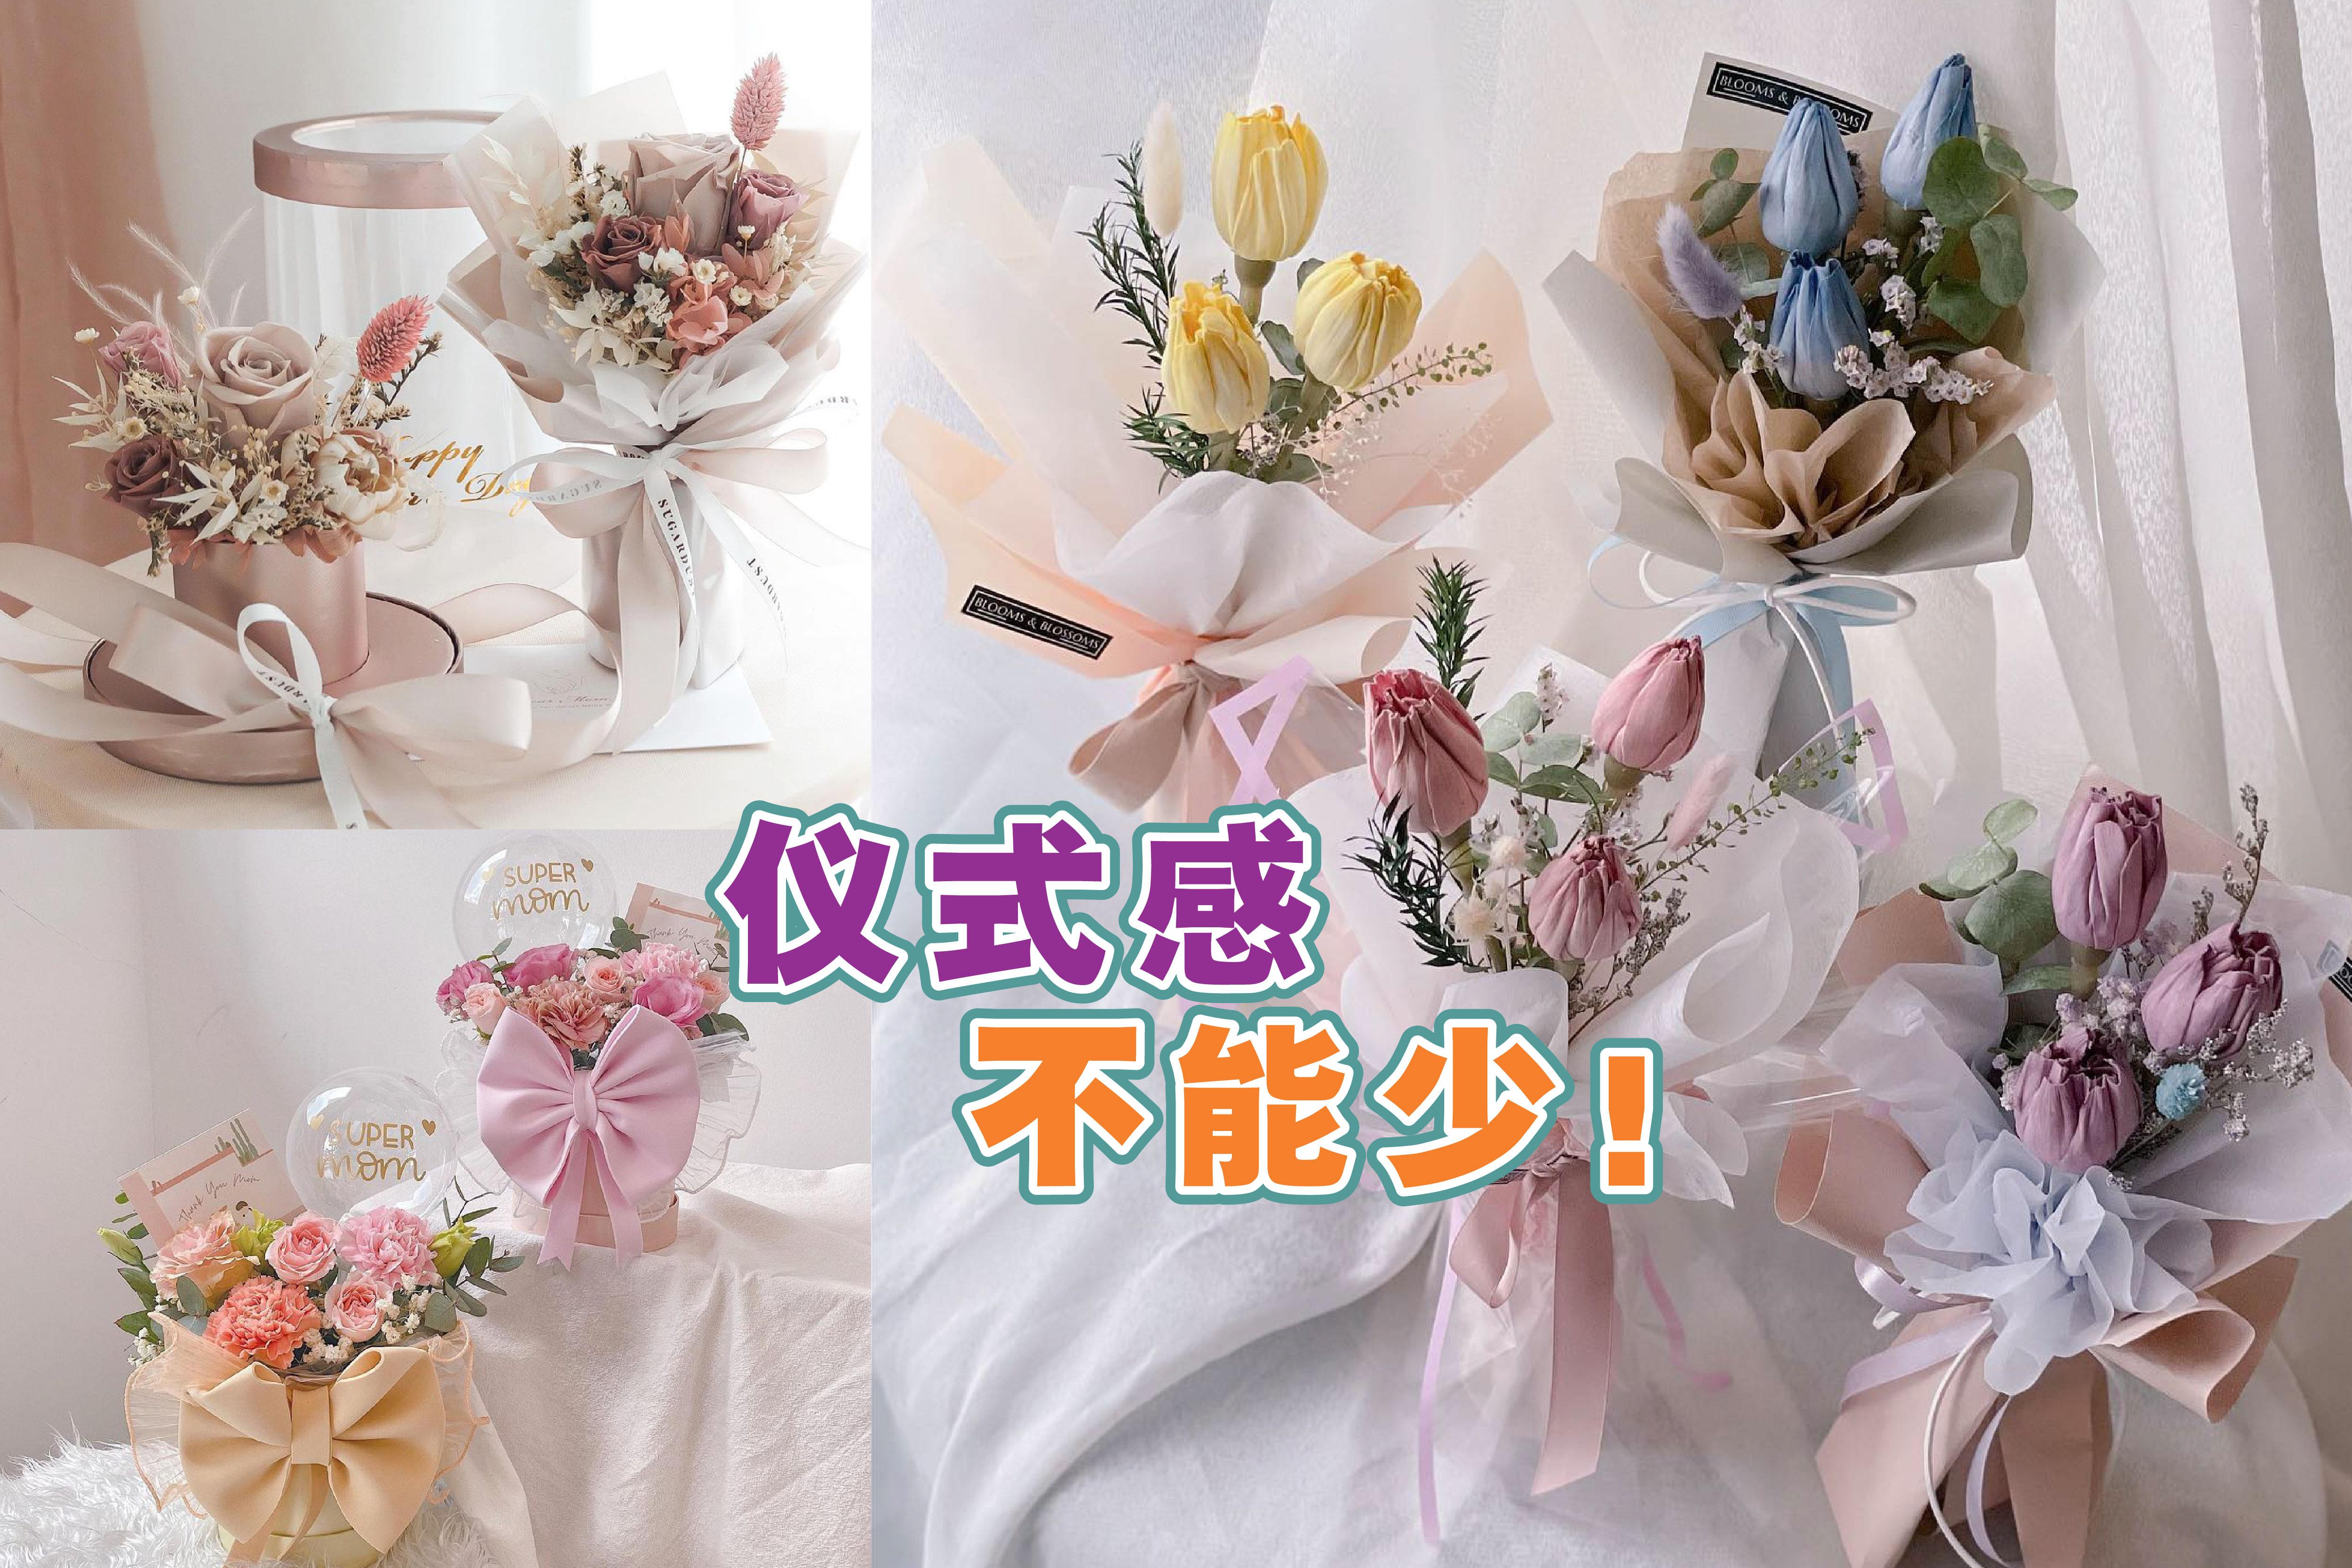 母亲节肯定少不了送花!-图摘自/Sugardust Floritry ig/J.Flowei ig/Blooms & Blossoms ig/精彩大马-